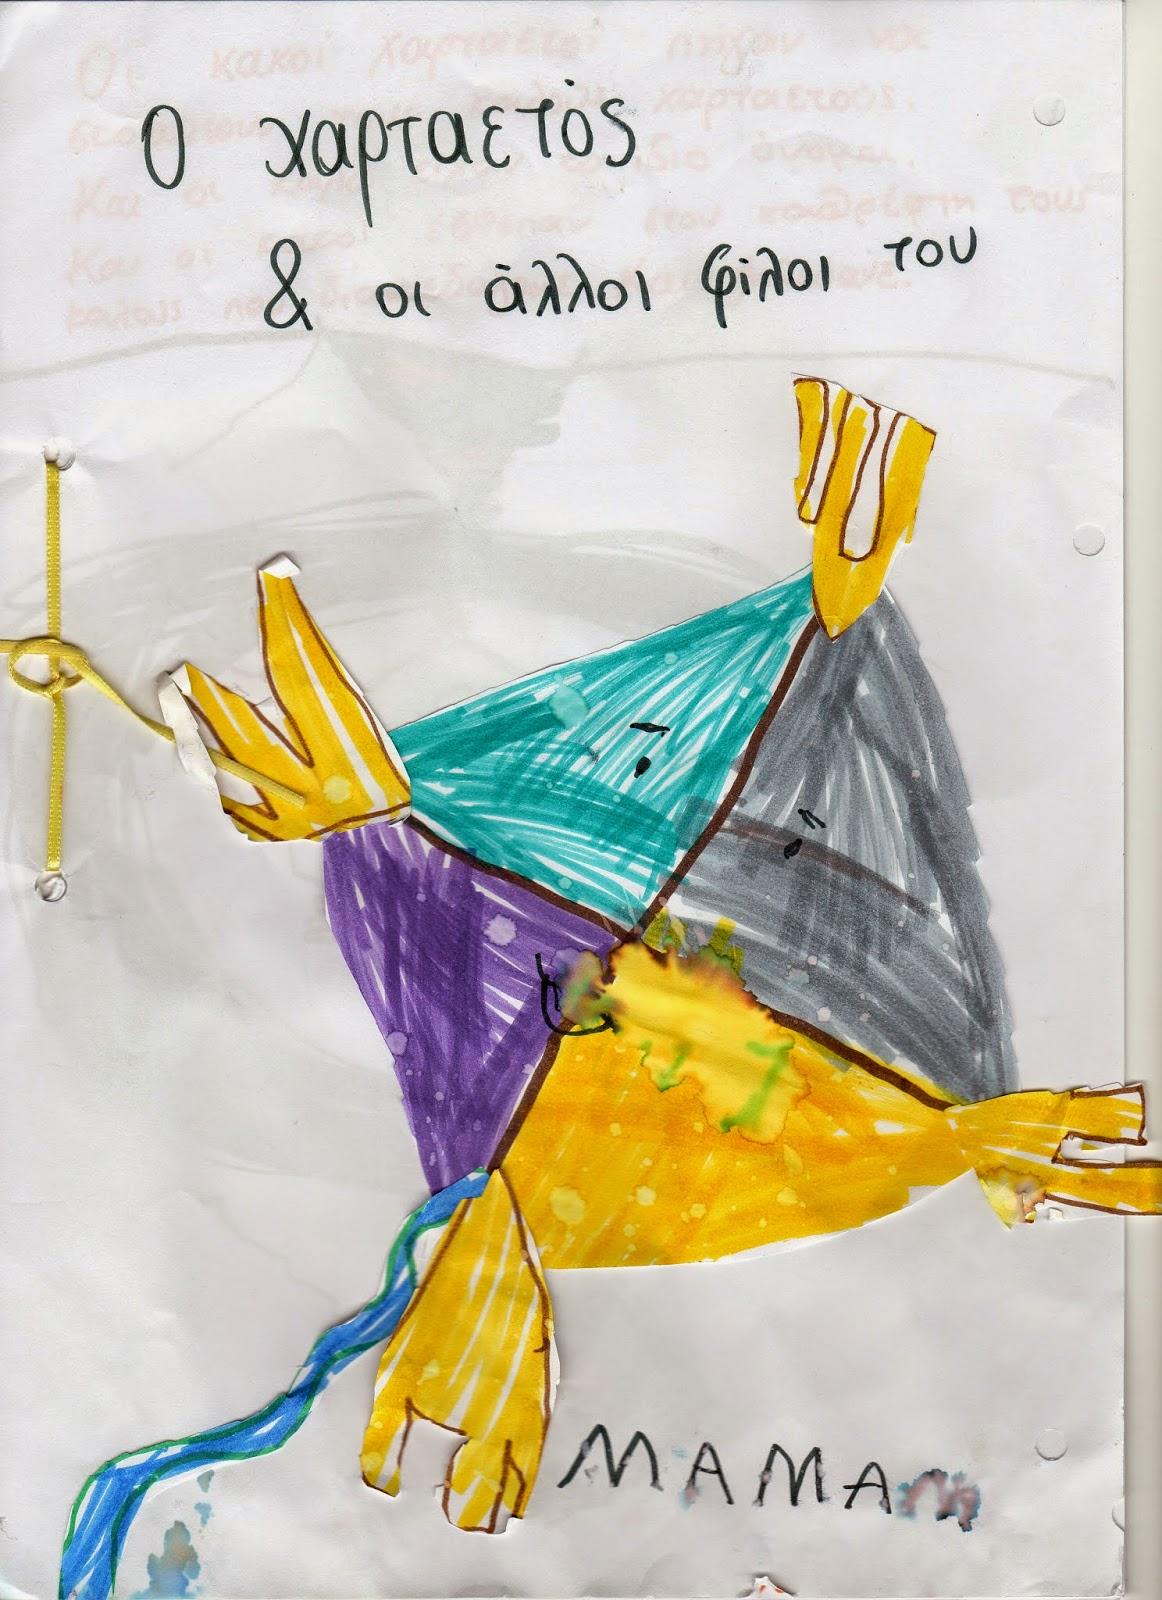 """""""Ο χαρταετός και οι άλλοι φίλοι του"""", μια ιστορία ενός 6χρονου αγοριού..."""